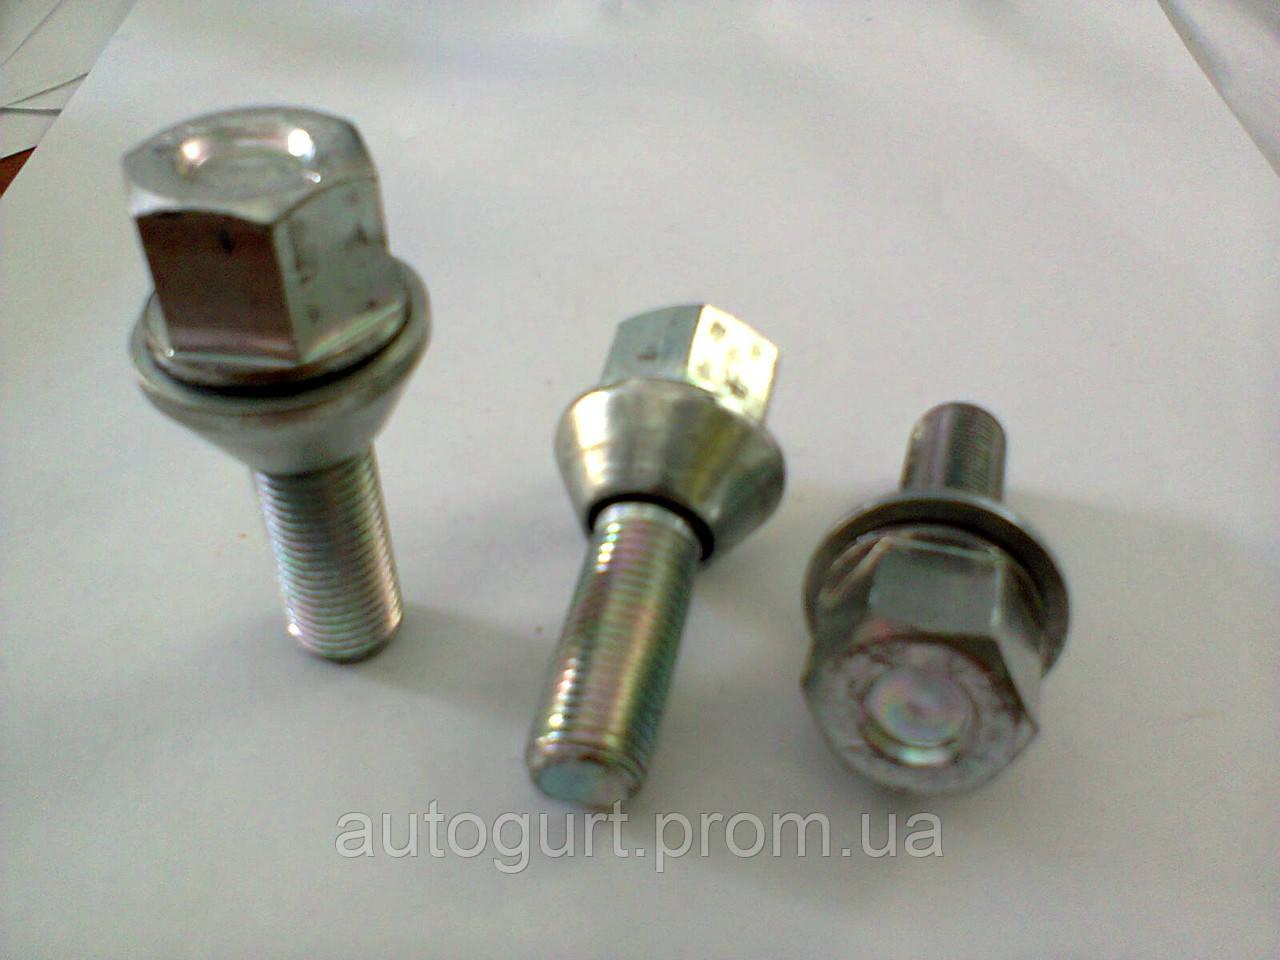 Болт колеса B1965 29mm exc 12x1.25x29,19 L51 тит  (ексцентрик)